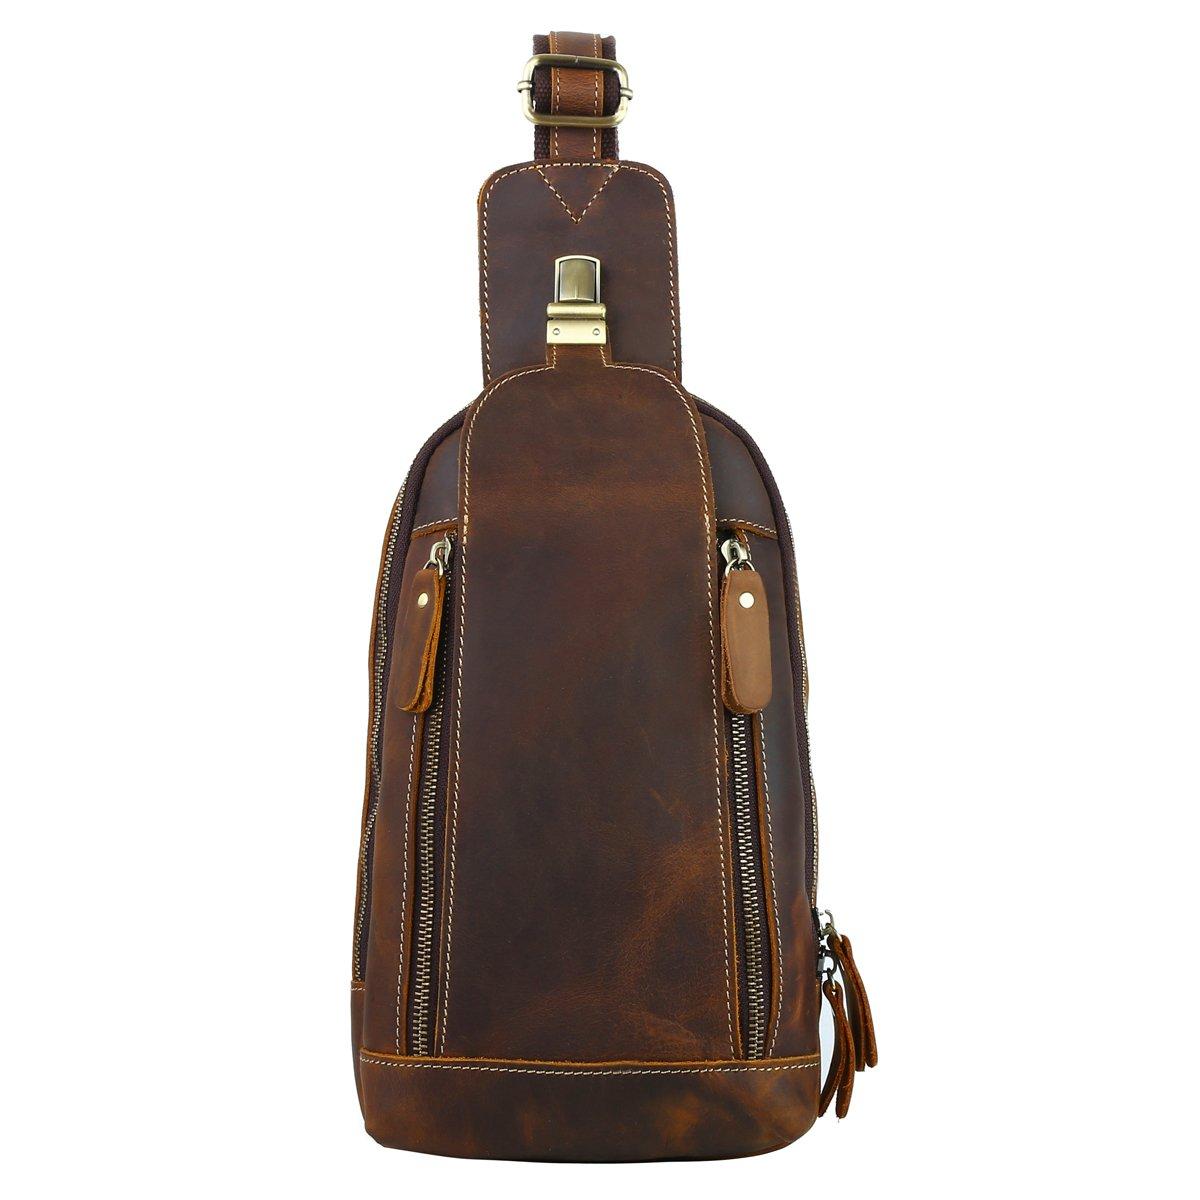 Leathario Men's Leather Sling bag Chest bag One shoulder bag Crossbody Bag Backpack for men